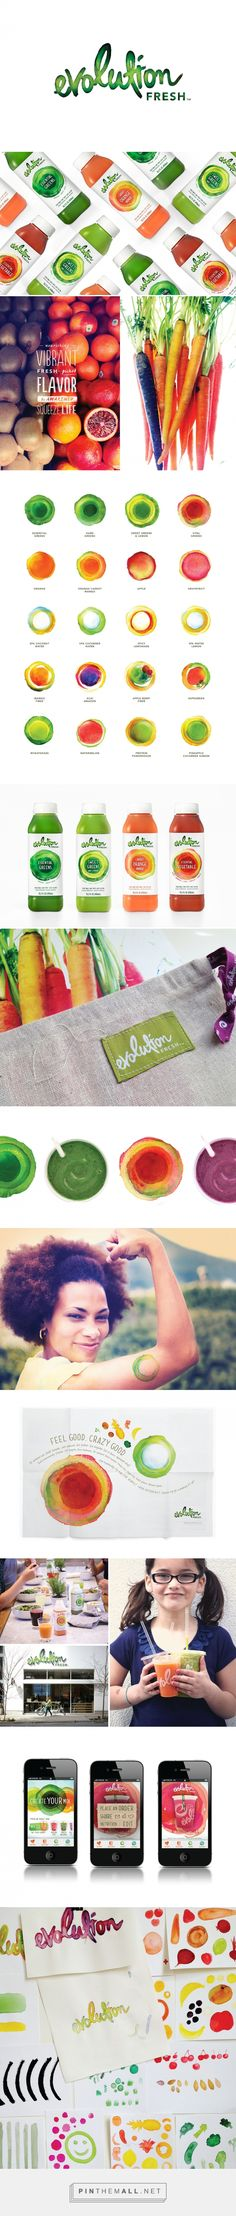 Juice Logo, Juice Branding, Juice Packaging, Food Branding, Beverage Packaging, Brand Packaging, Packaging Design, Corporate Logo Design, Identity Design